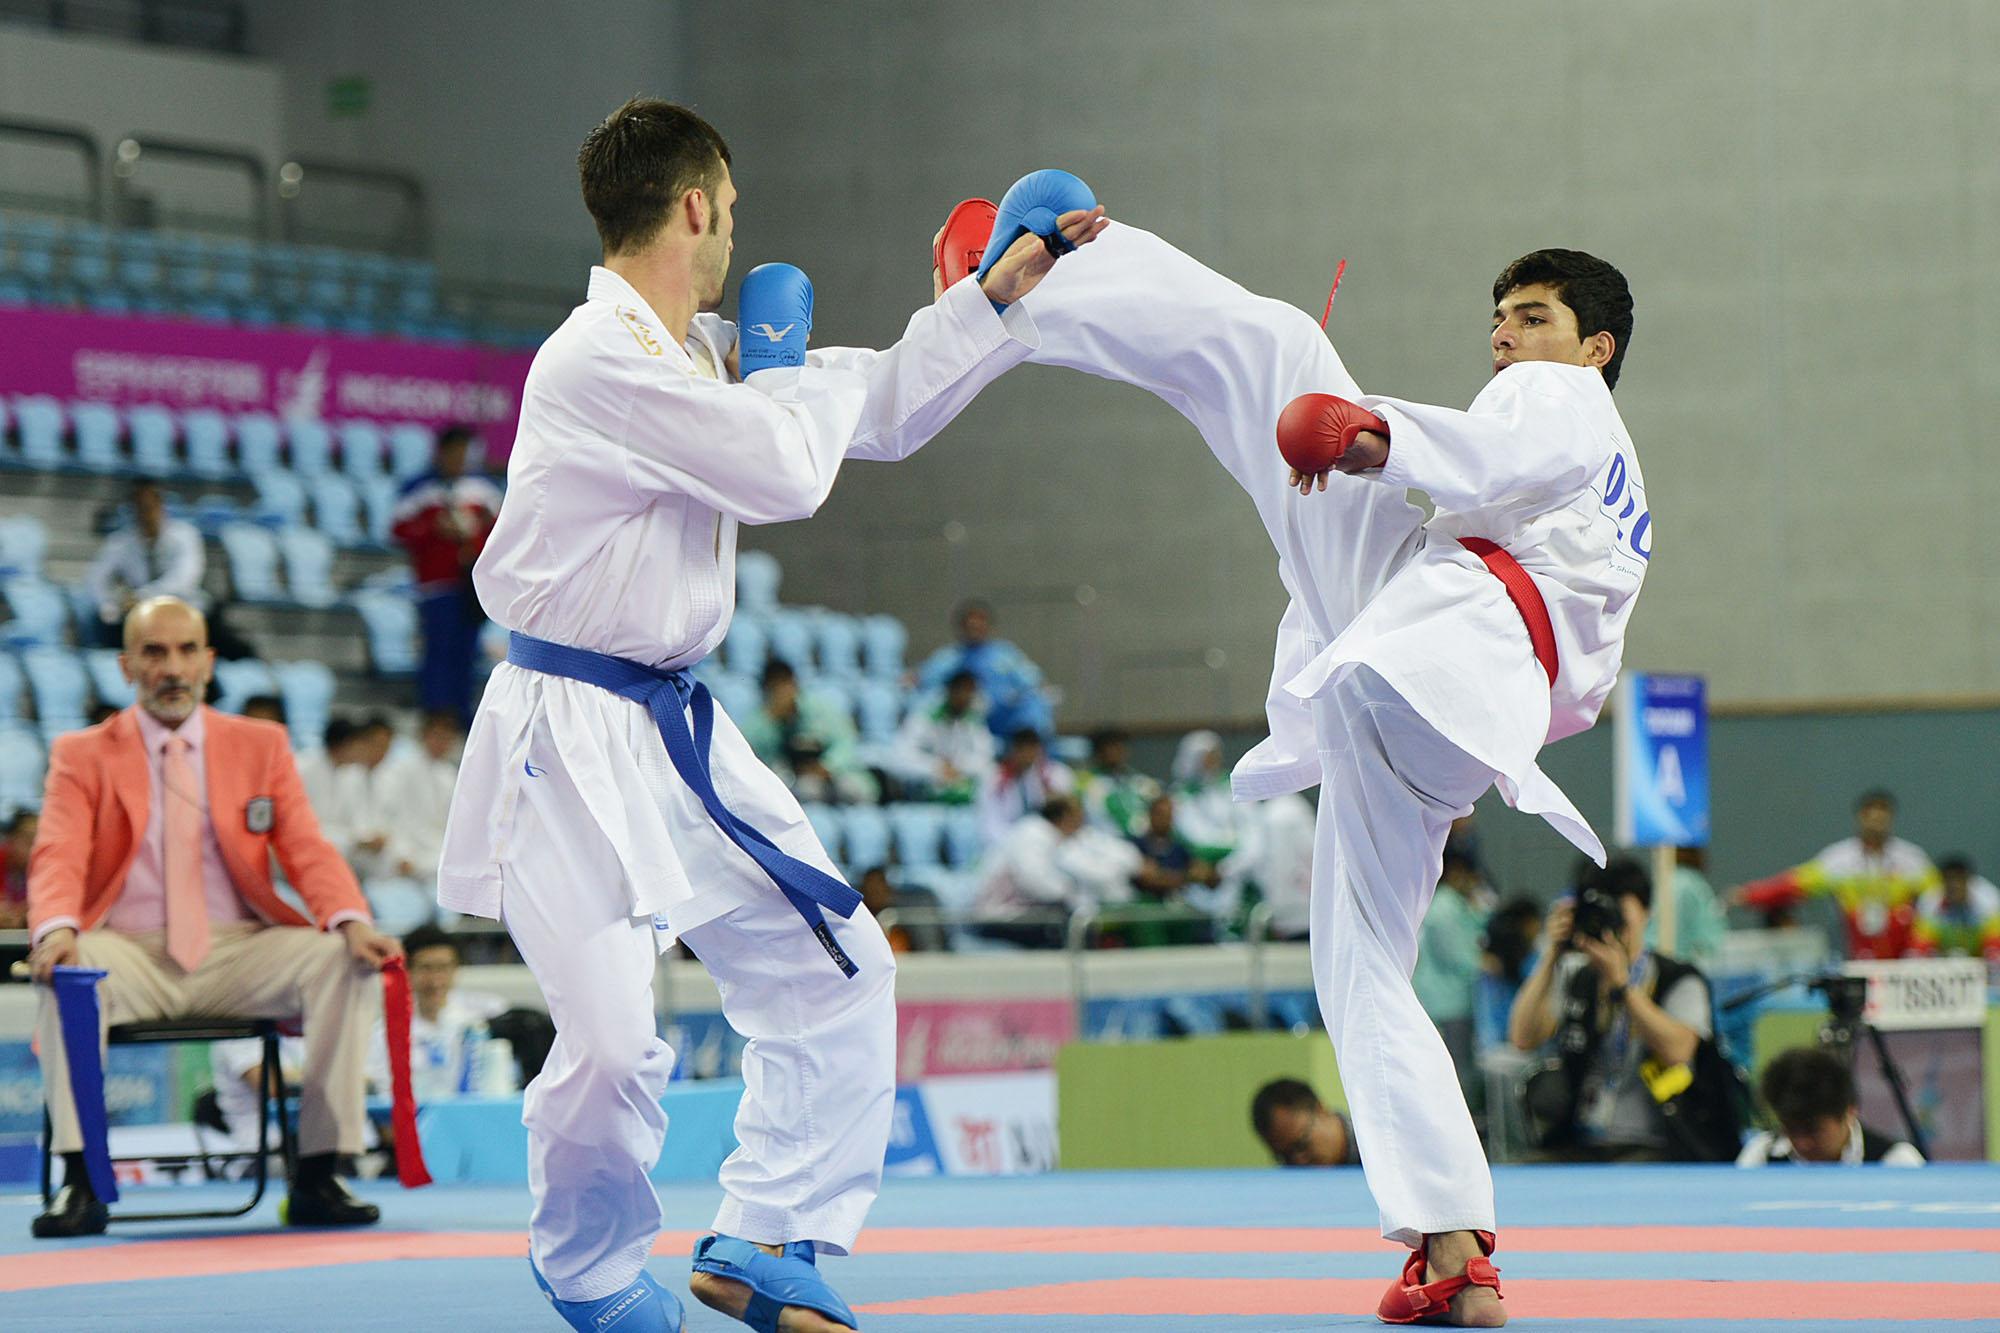 خمام - کسب مقام سوم بخش کومیته تیمی کاراته آسیا